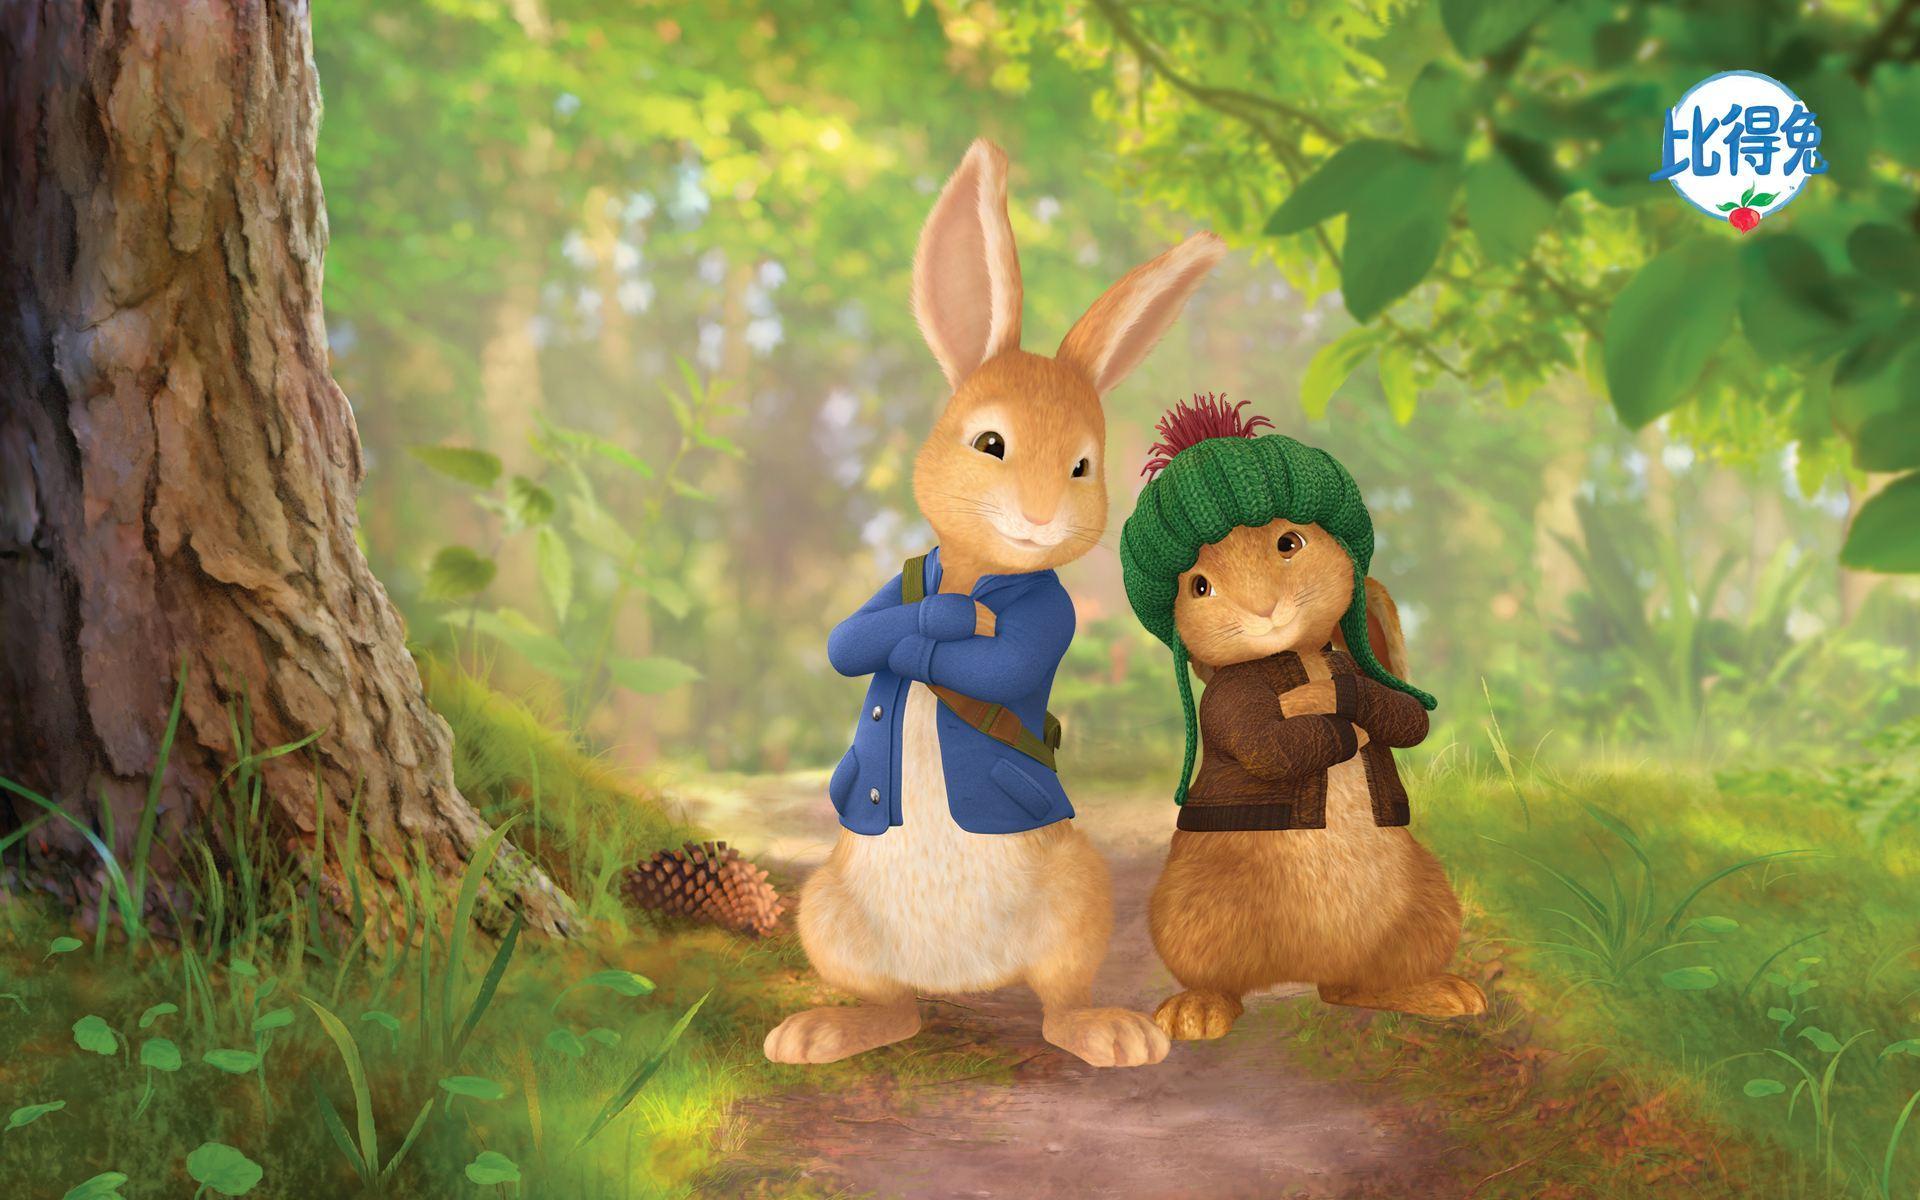 孩子们有时候觉得,自己就是那只调皮可爱而又偶尔不听妈妈话的小兔子.